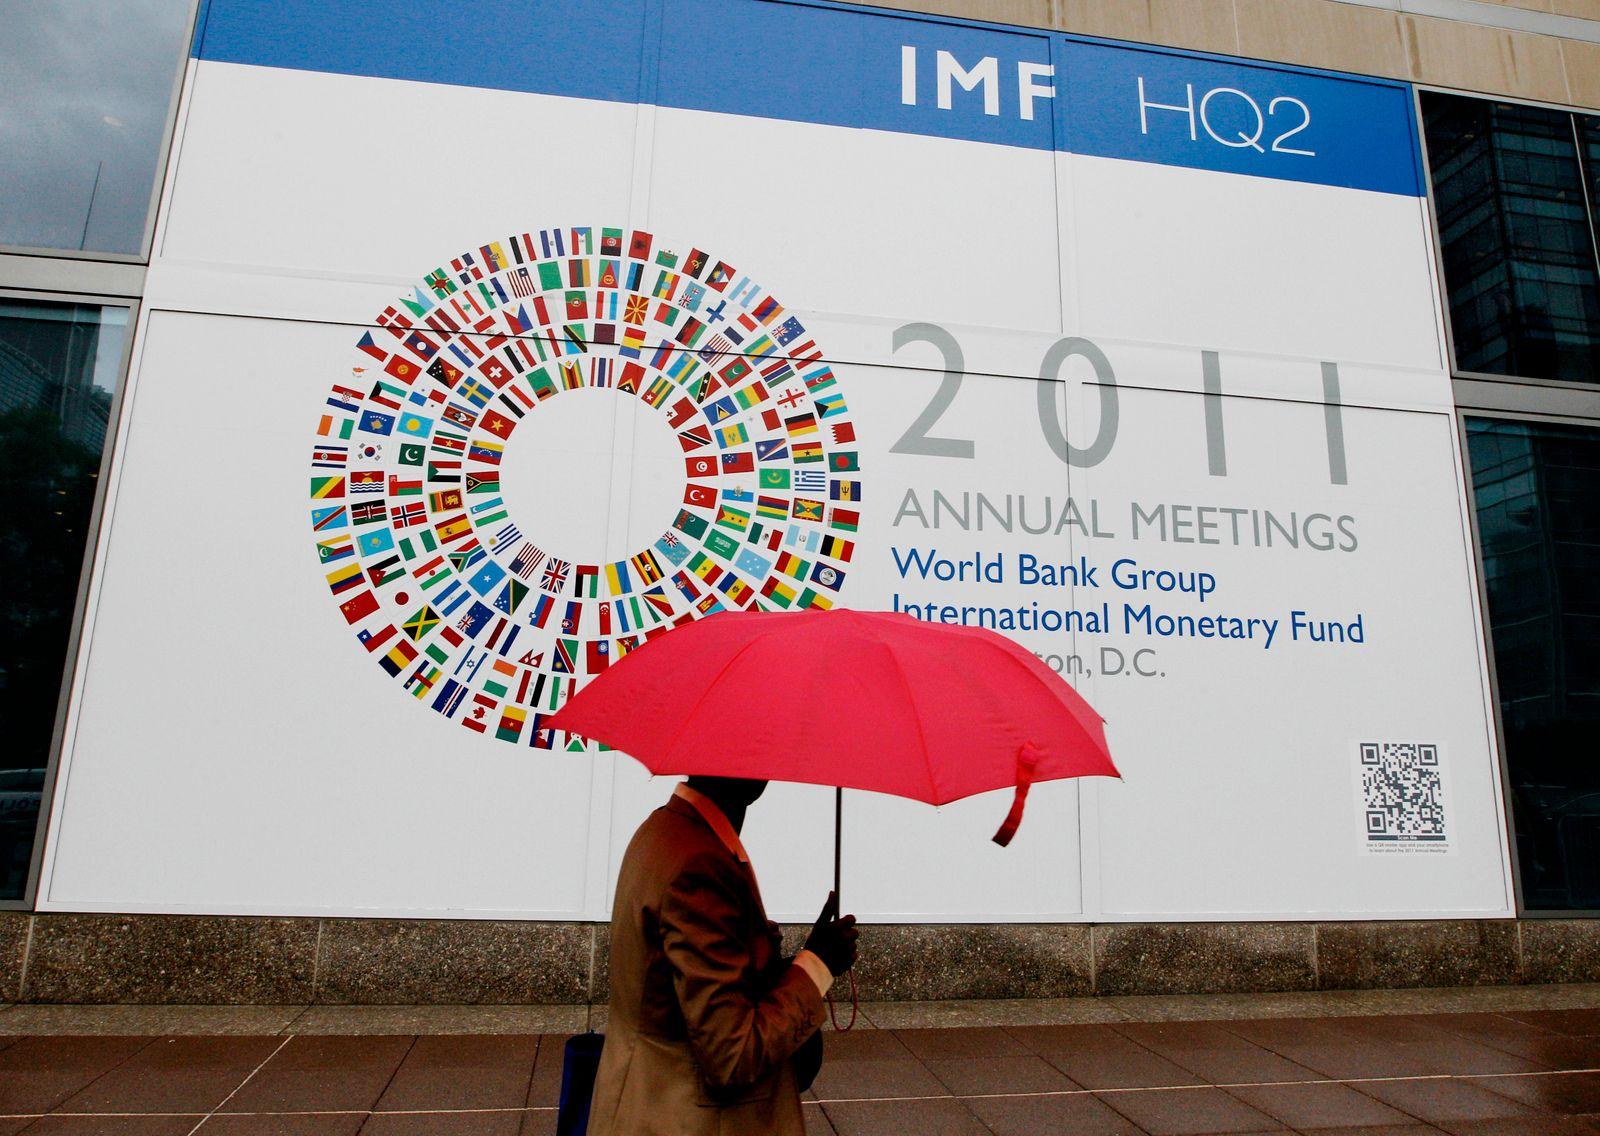 NICHT VERWENDEN Passant mit Regenschirm beim IWF-Treffen